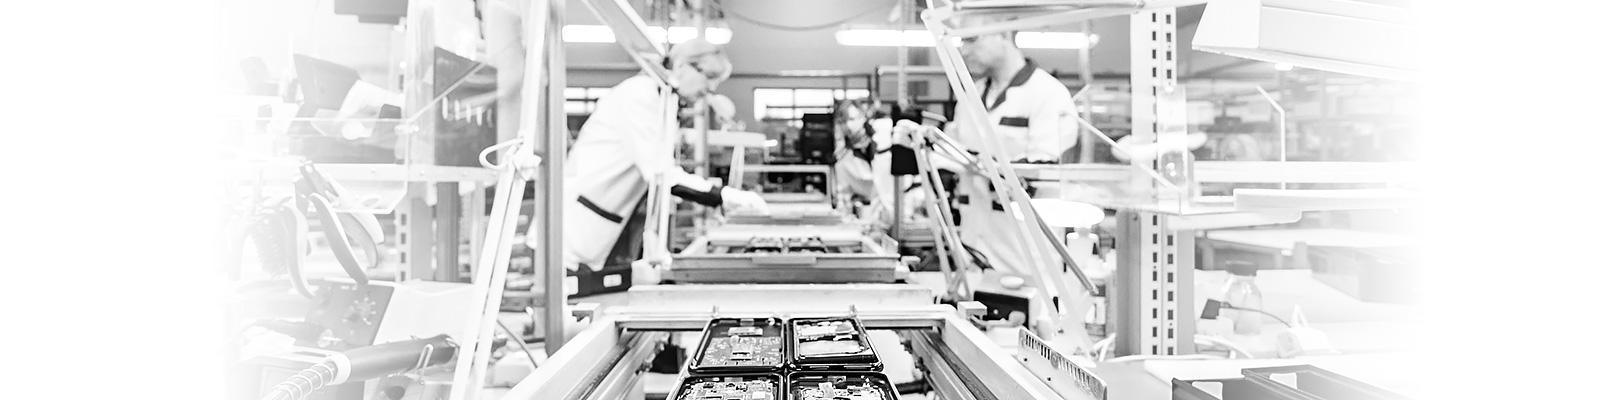 産業 工場 イメージ